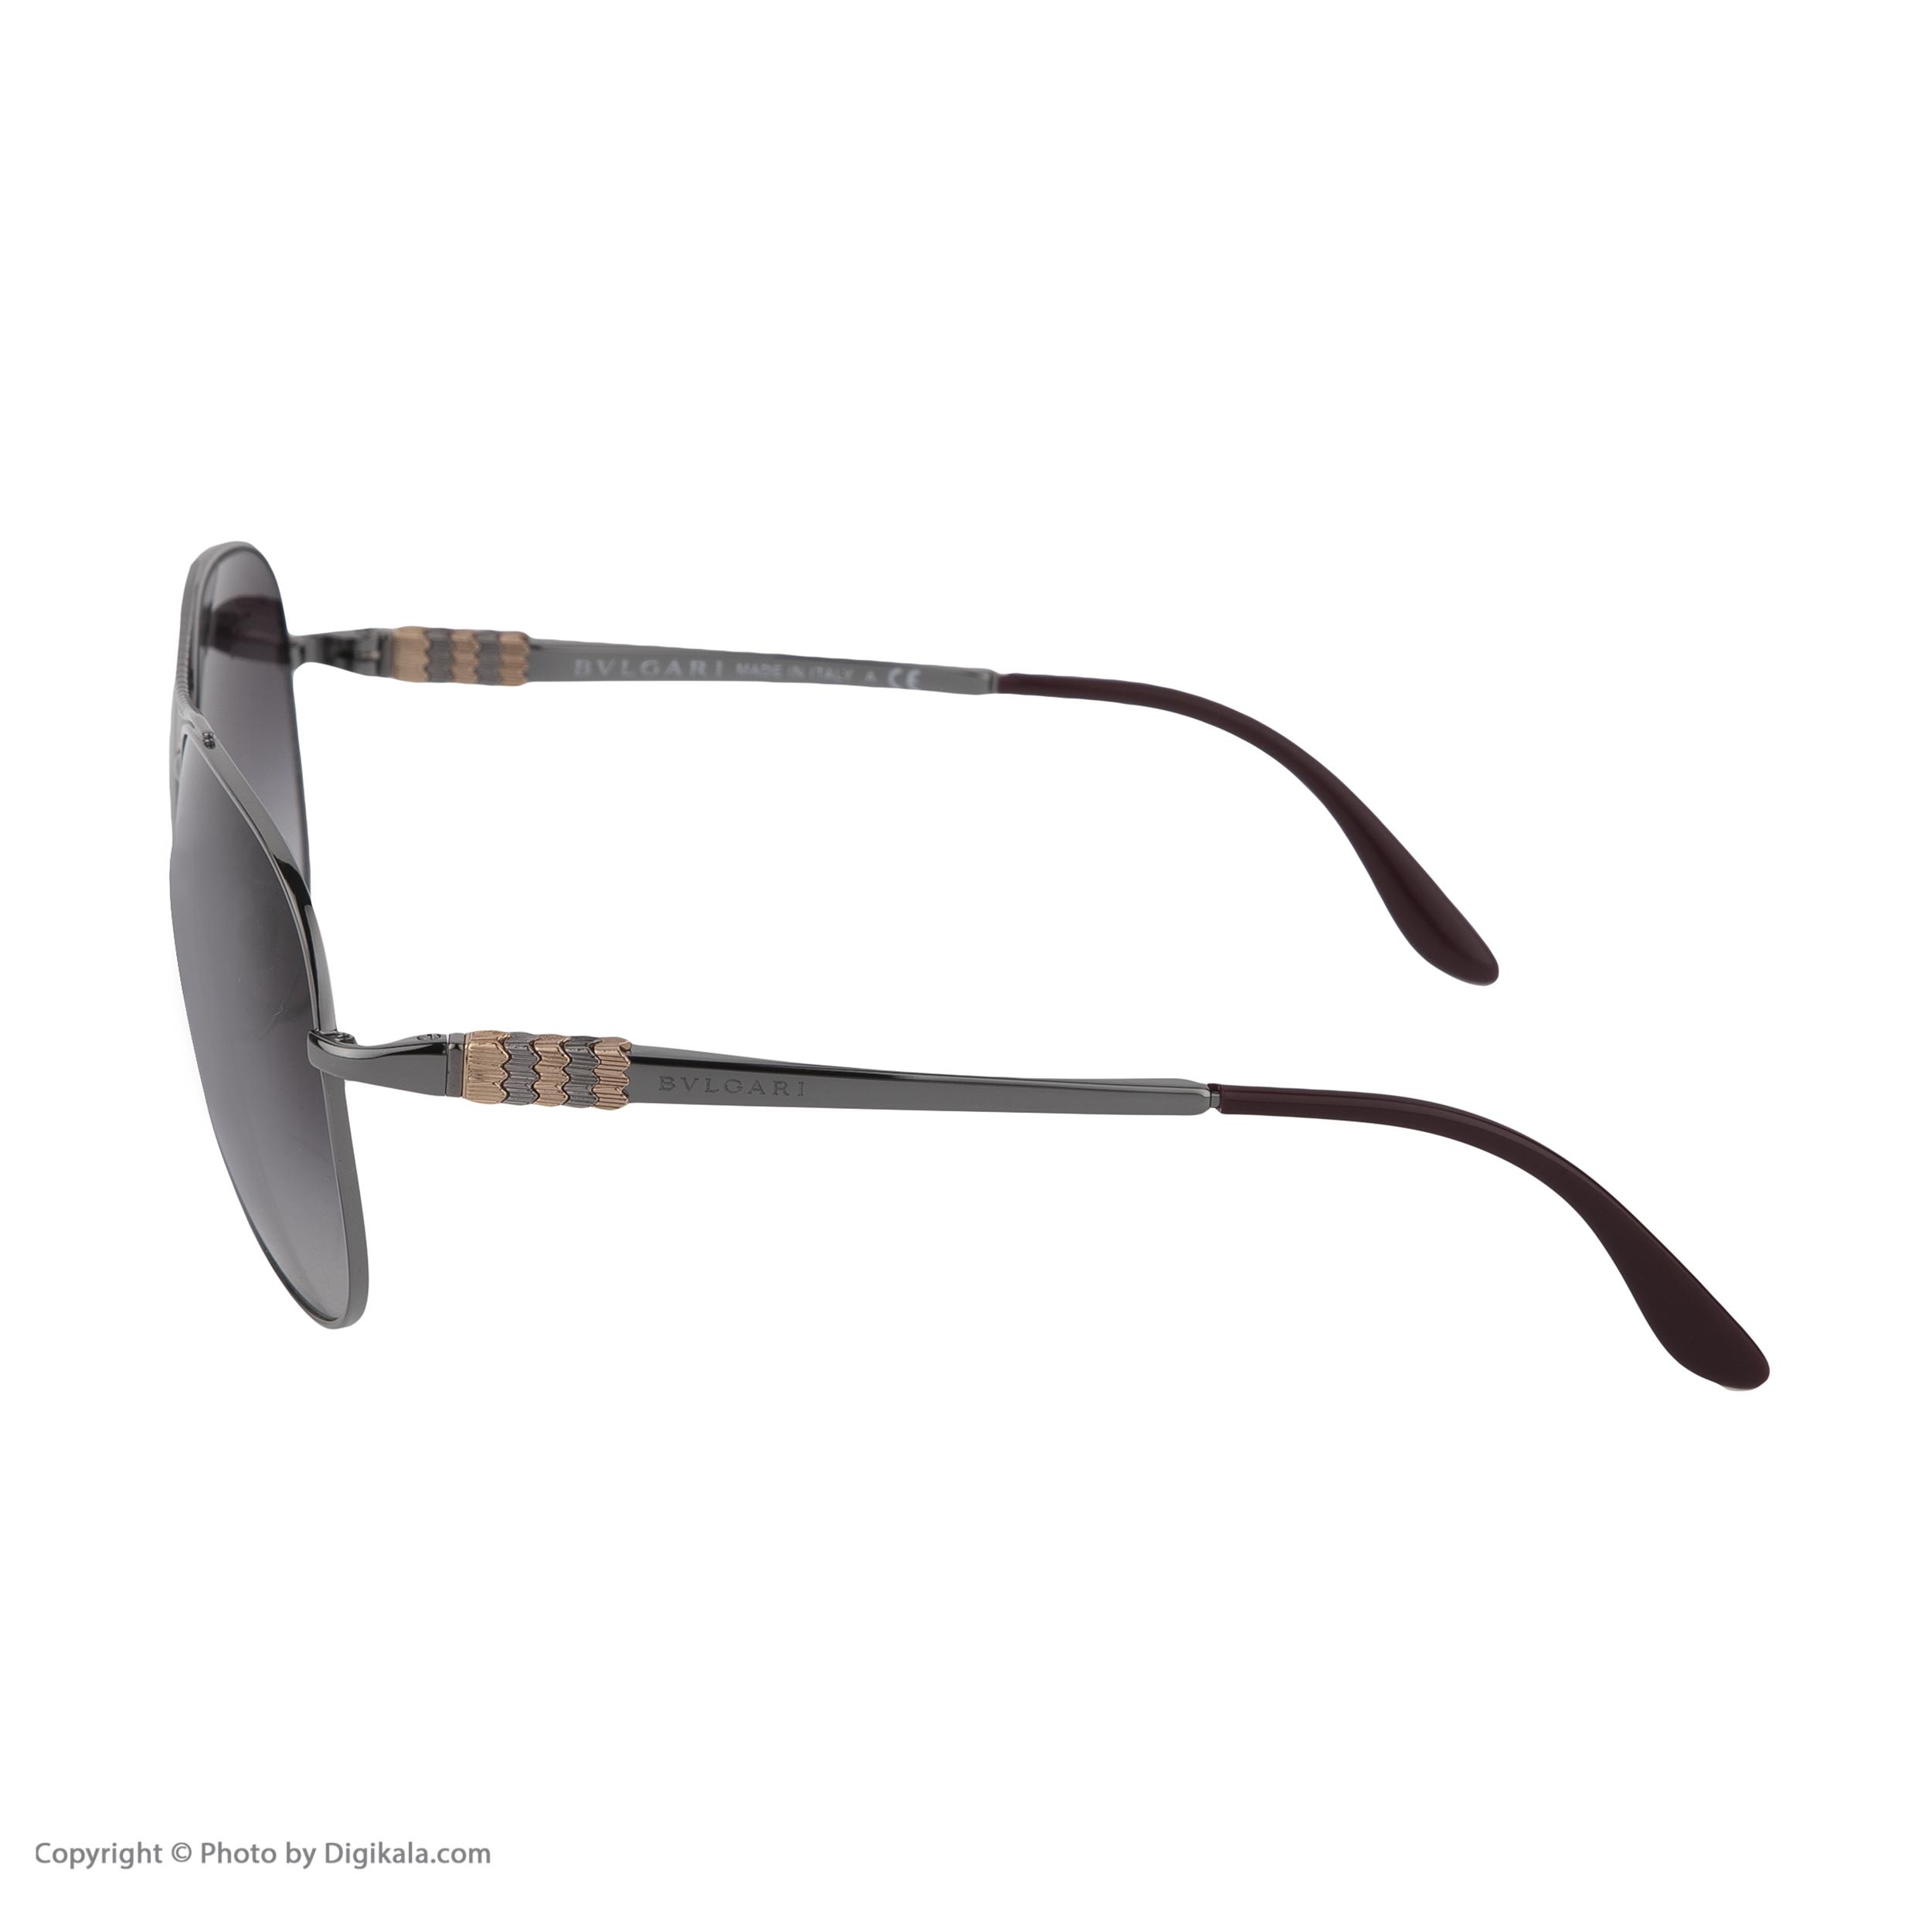 عینک آفتابی زنانه بولگاری مدل BV6075S 01038G -  - 4